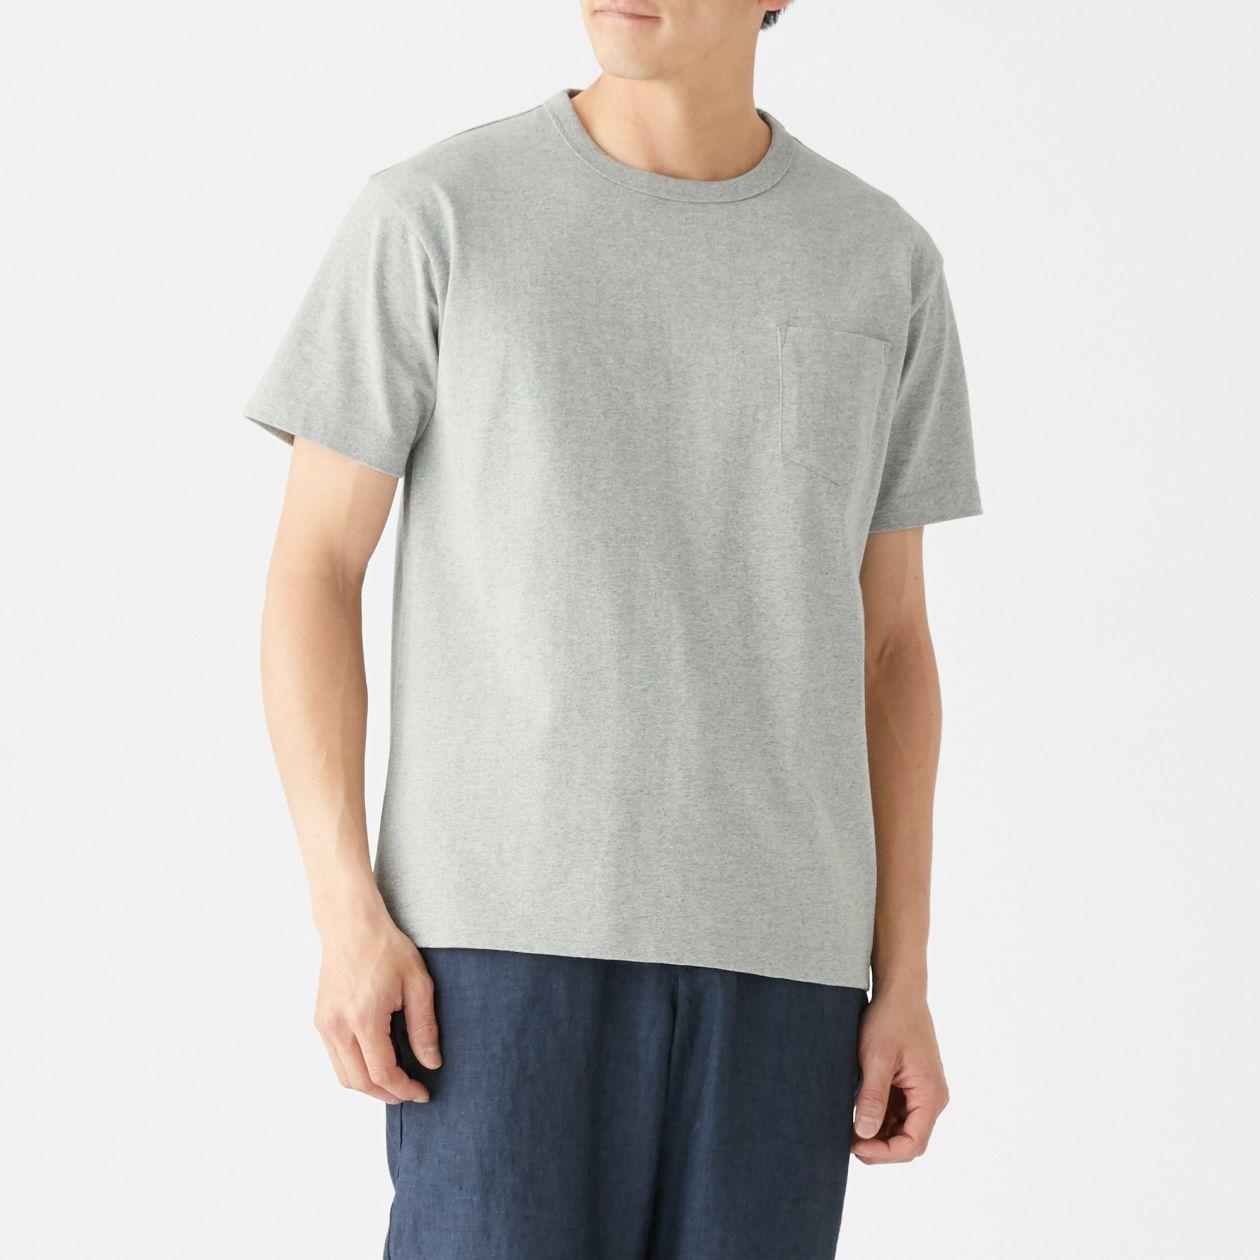 太番手 天竺編みポケット付き半袖Tシャツ